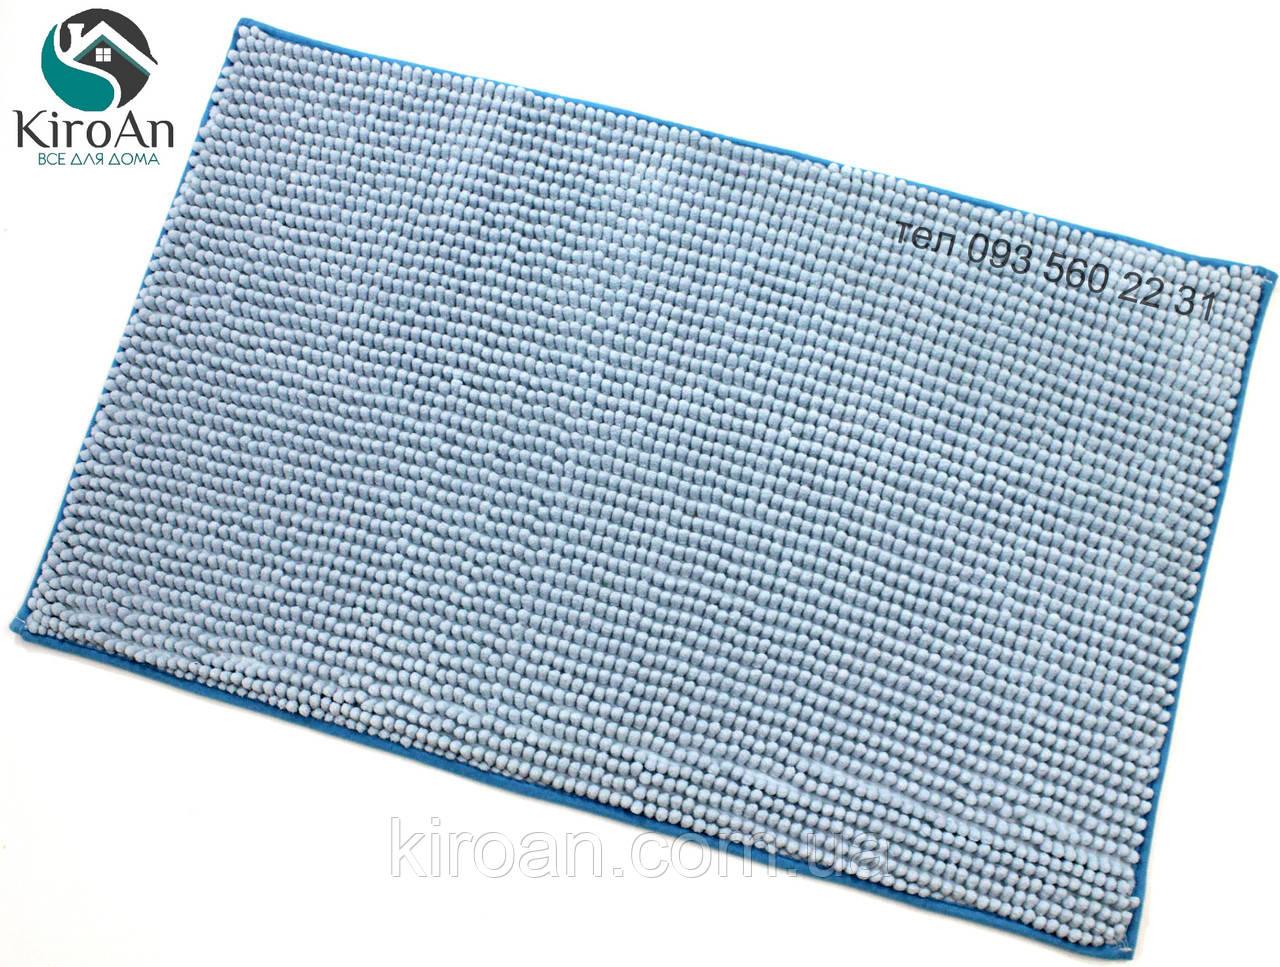 Коврик с коротким ворсом из микрофибры Лапша (макароны) 49х79см Голубой